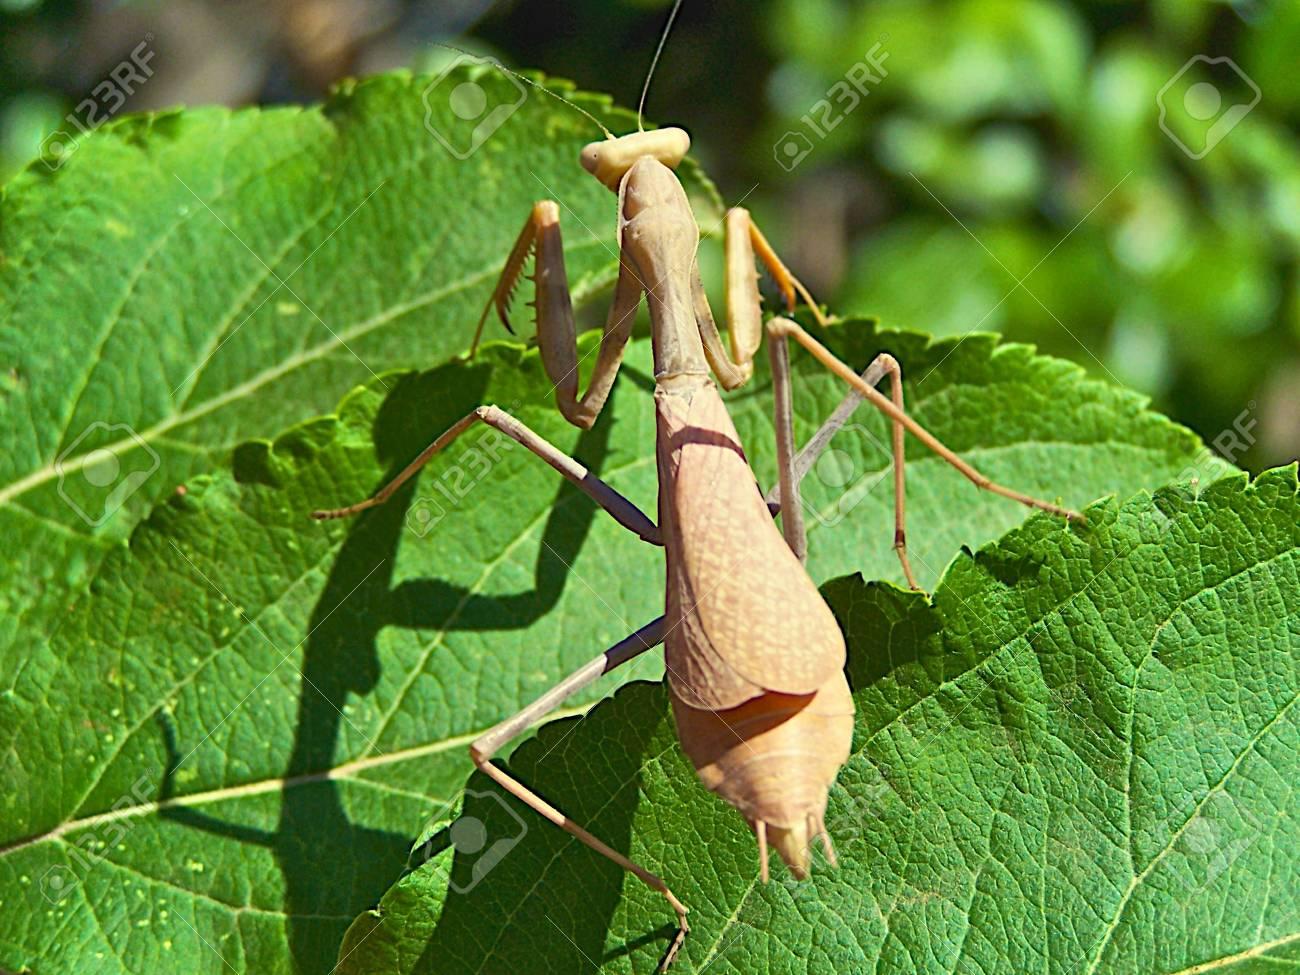 praying mantis Stock Photo - 3528368